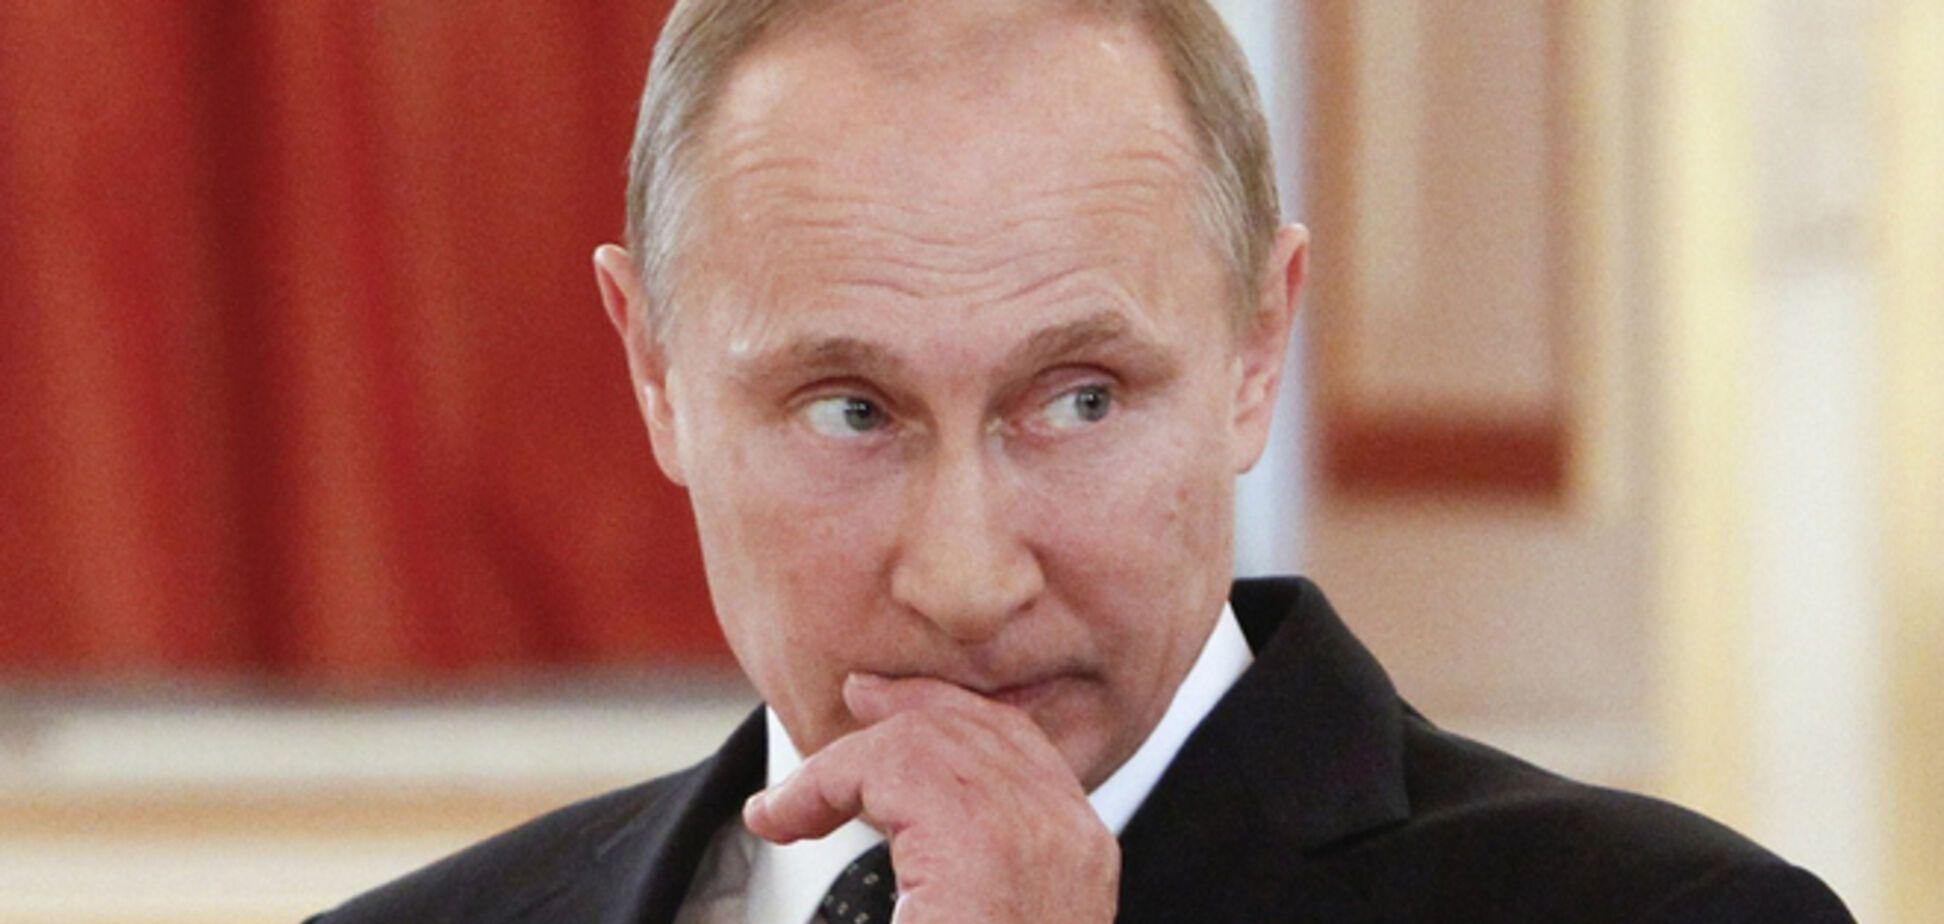 Путин шлет в Украину штрафбатальоны из зеков, которых будут называть 'добровольцами' - Немцов